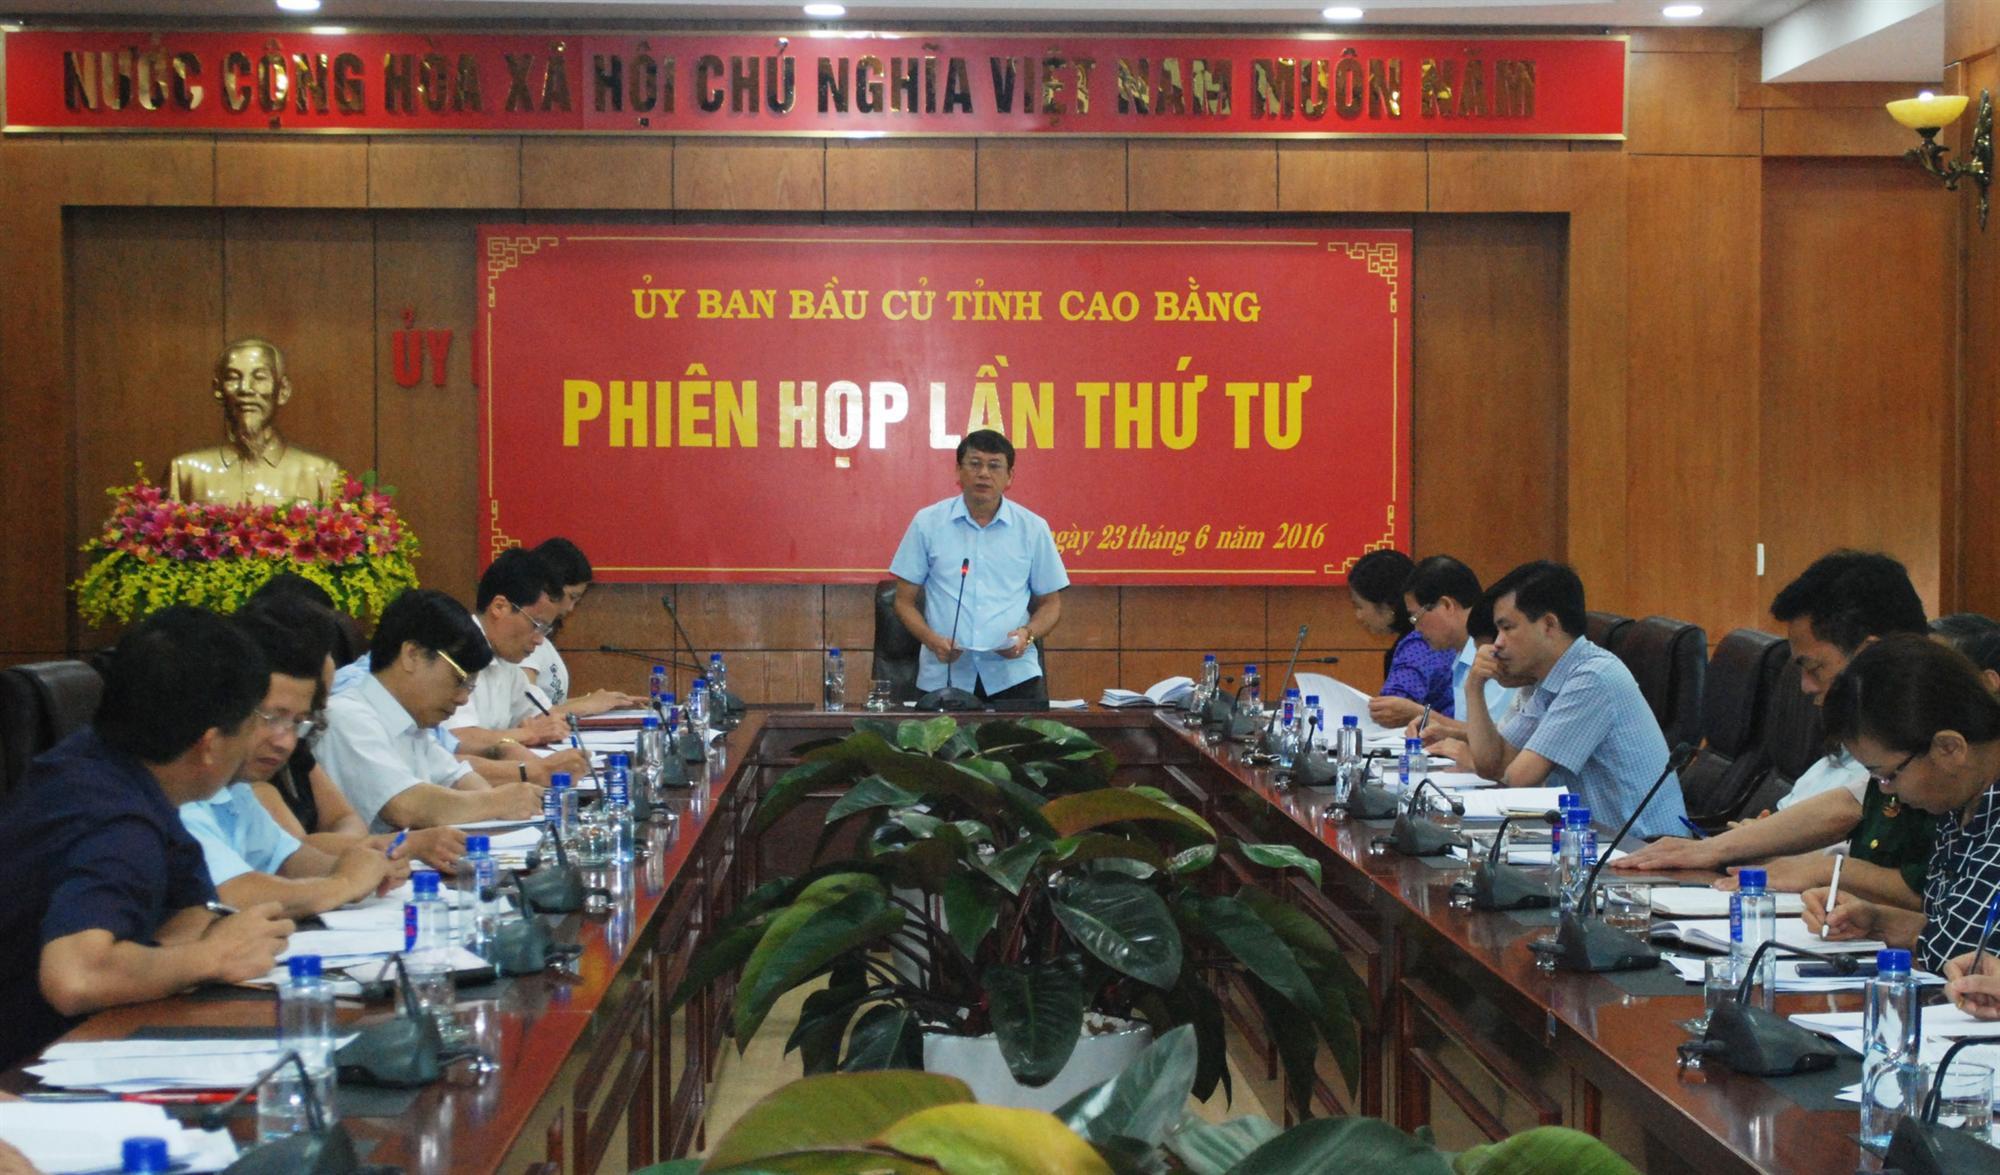 Ủy ban bầu cử đại biểu Quốc hội khóa XIV và đại biểu HĐND tỉnh họp phiên thứ 4